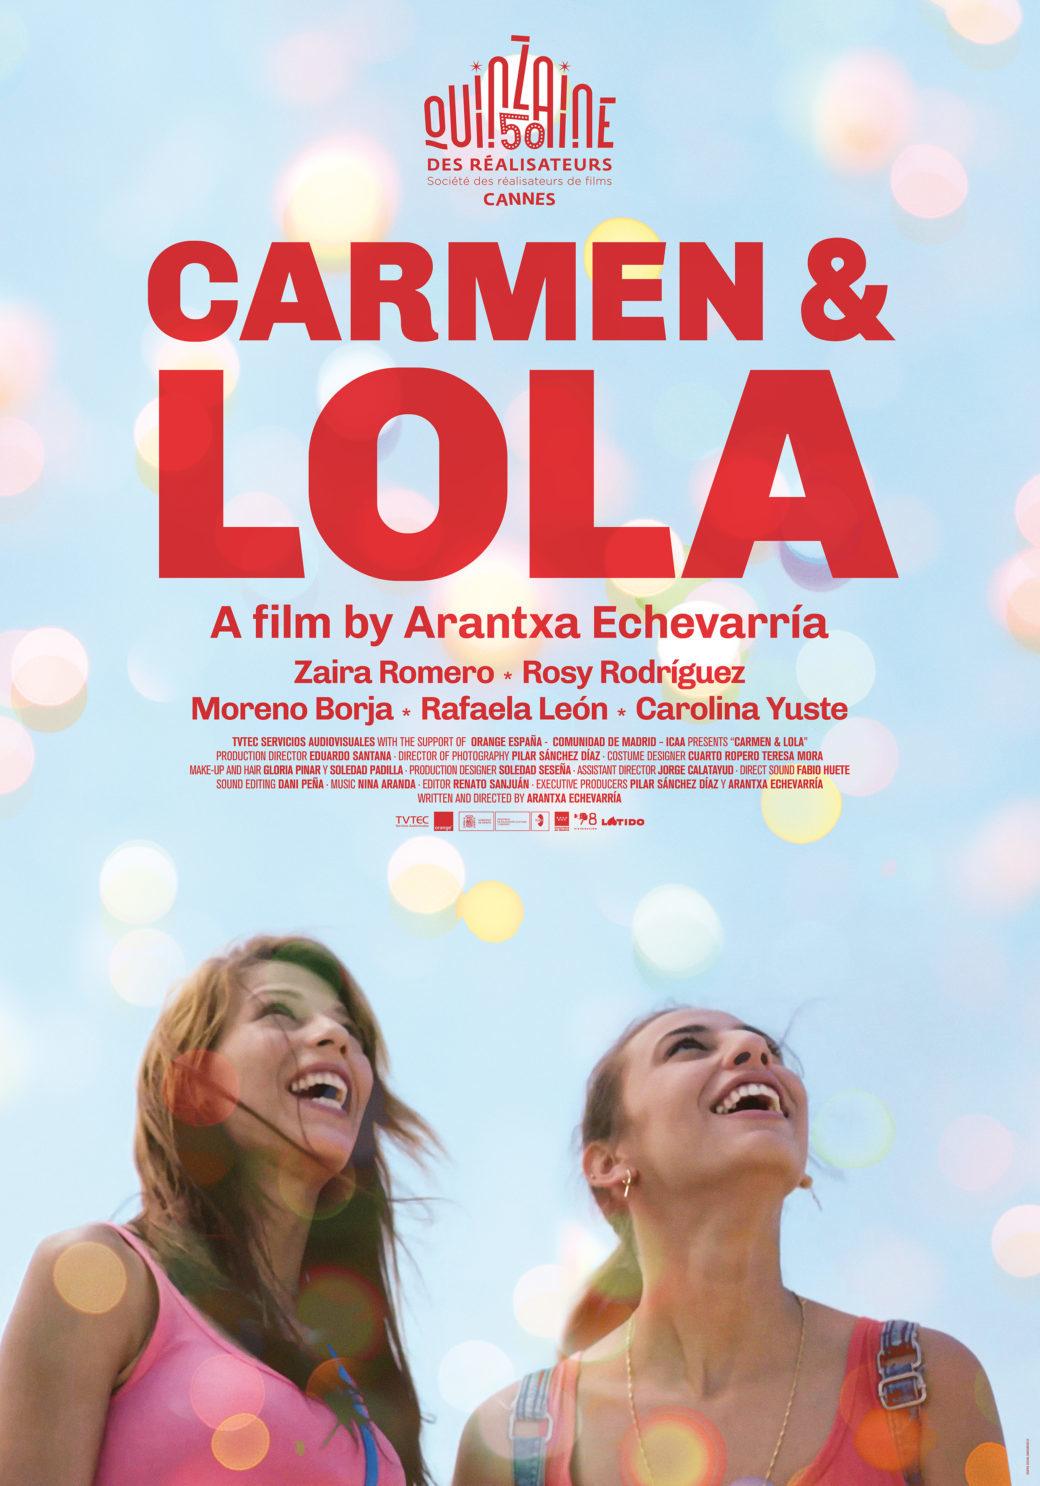 Carmen y Lola, nominada a Mejor Película en los Goya 2019.